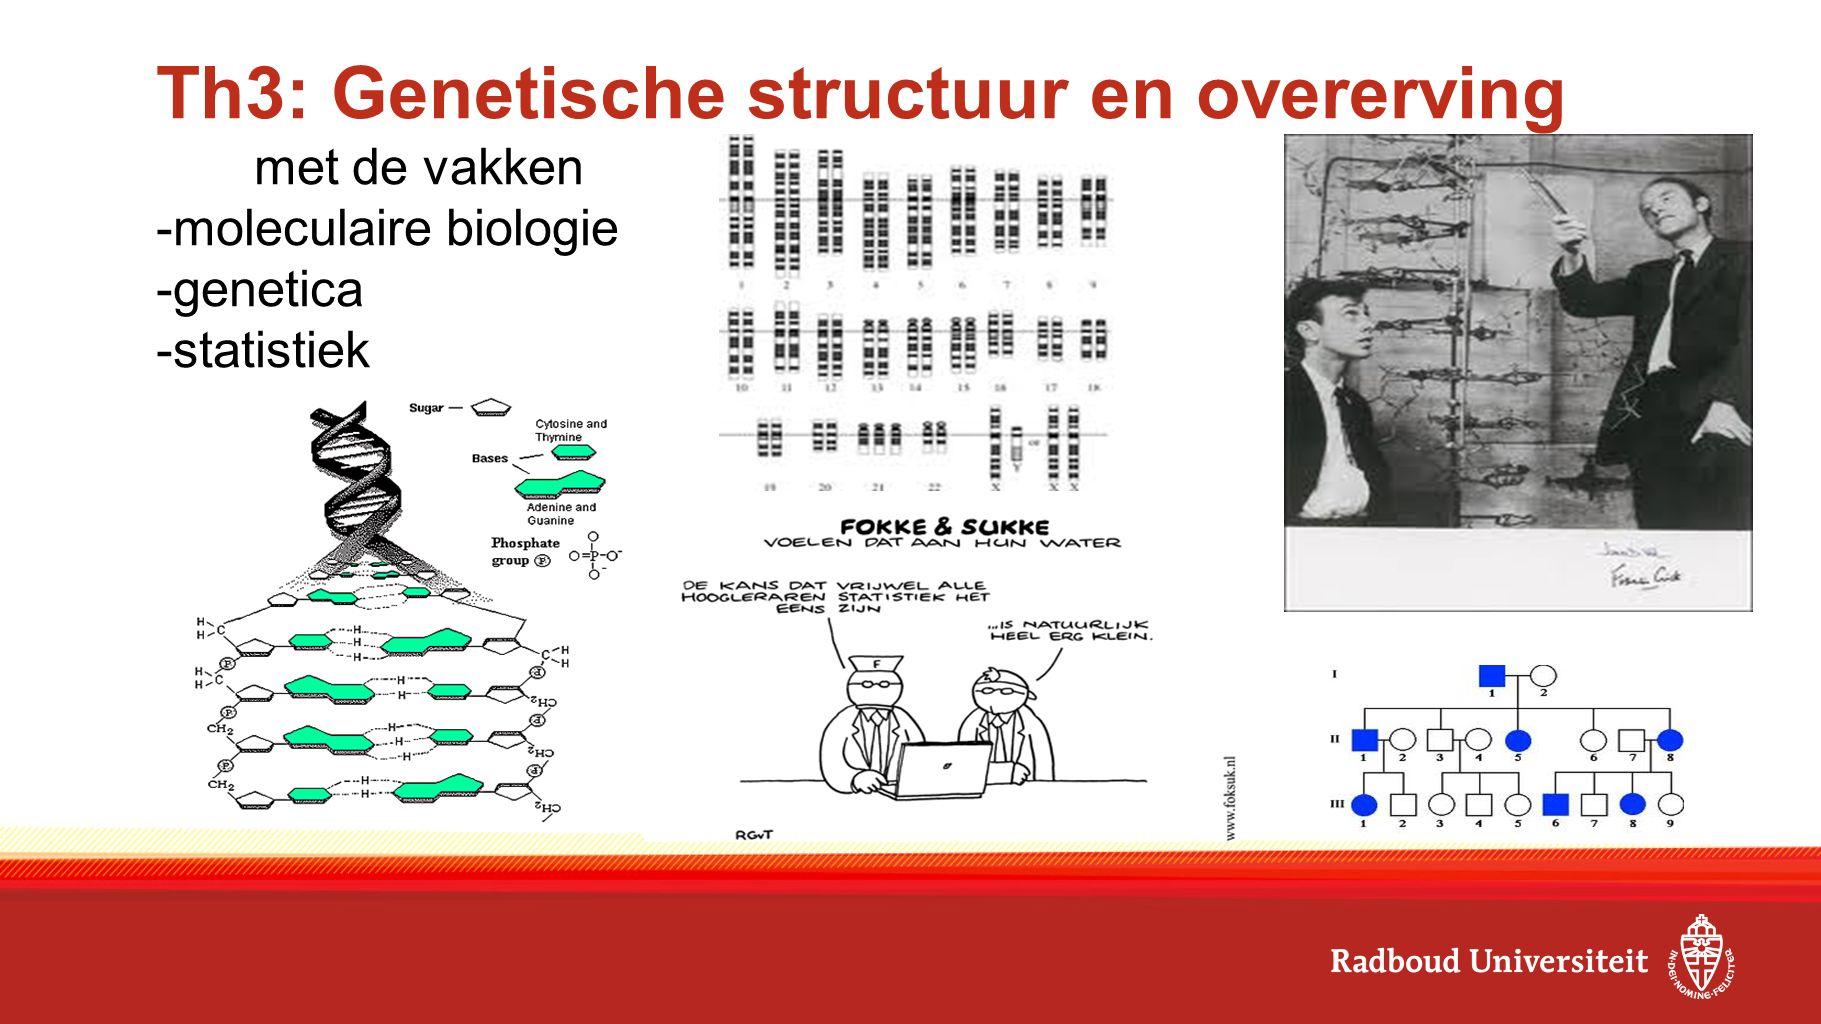 Th3: Genetische structuur en overerving met de vakken -moleculaire biologie -genetica -statistiek